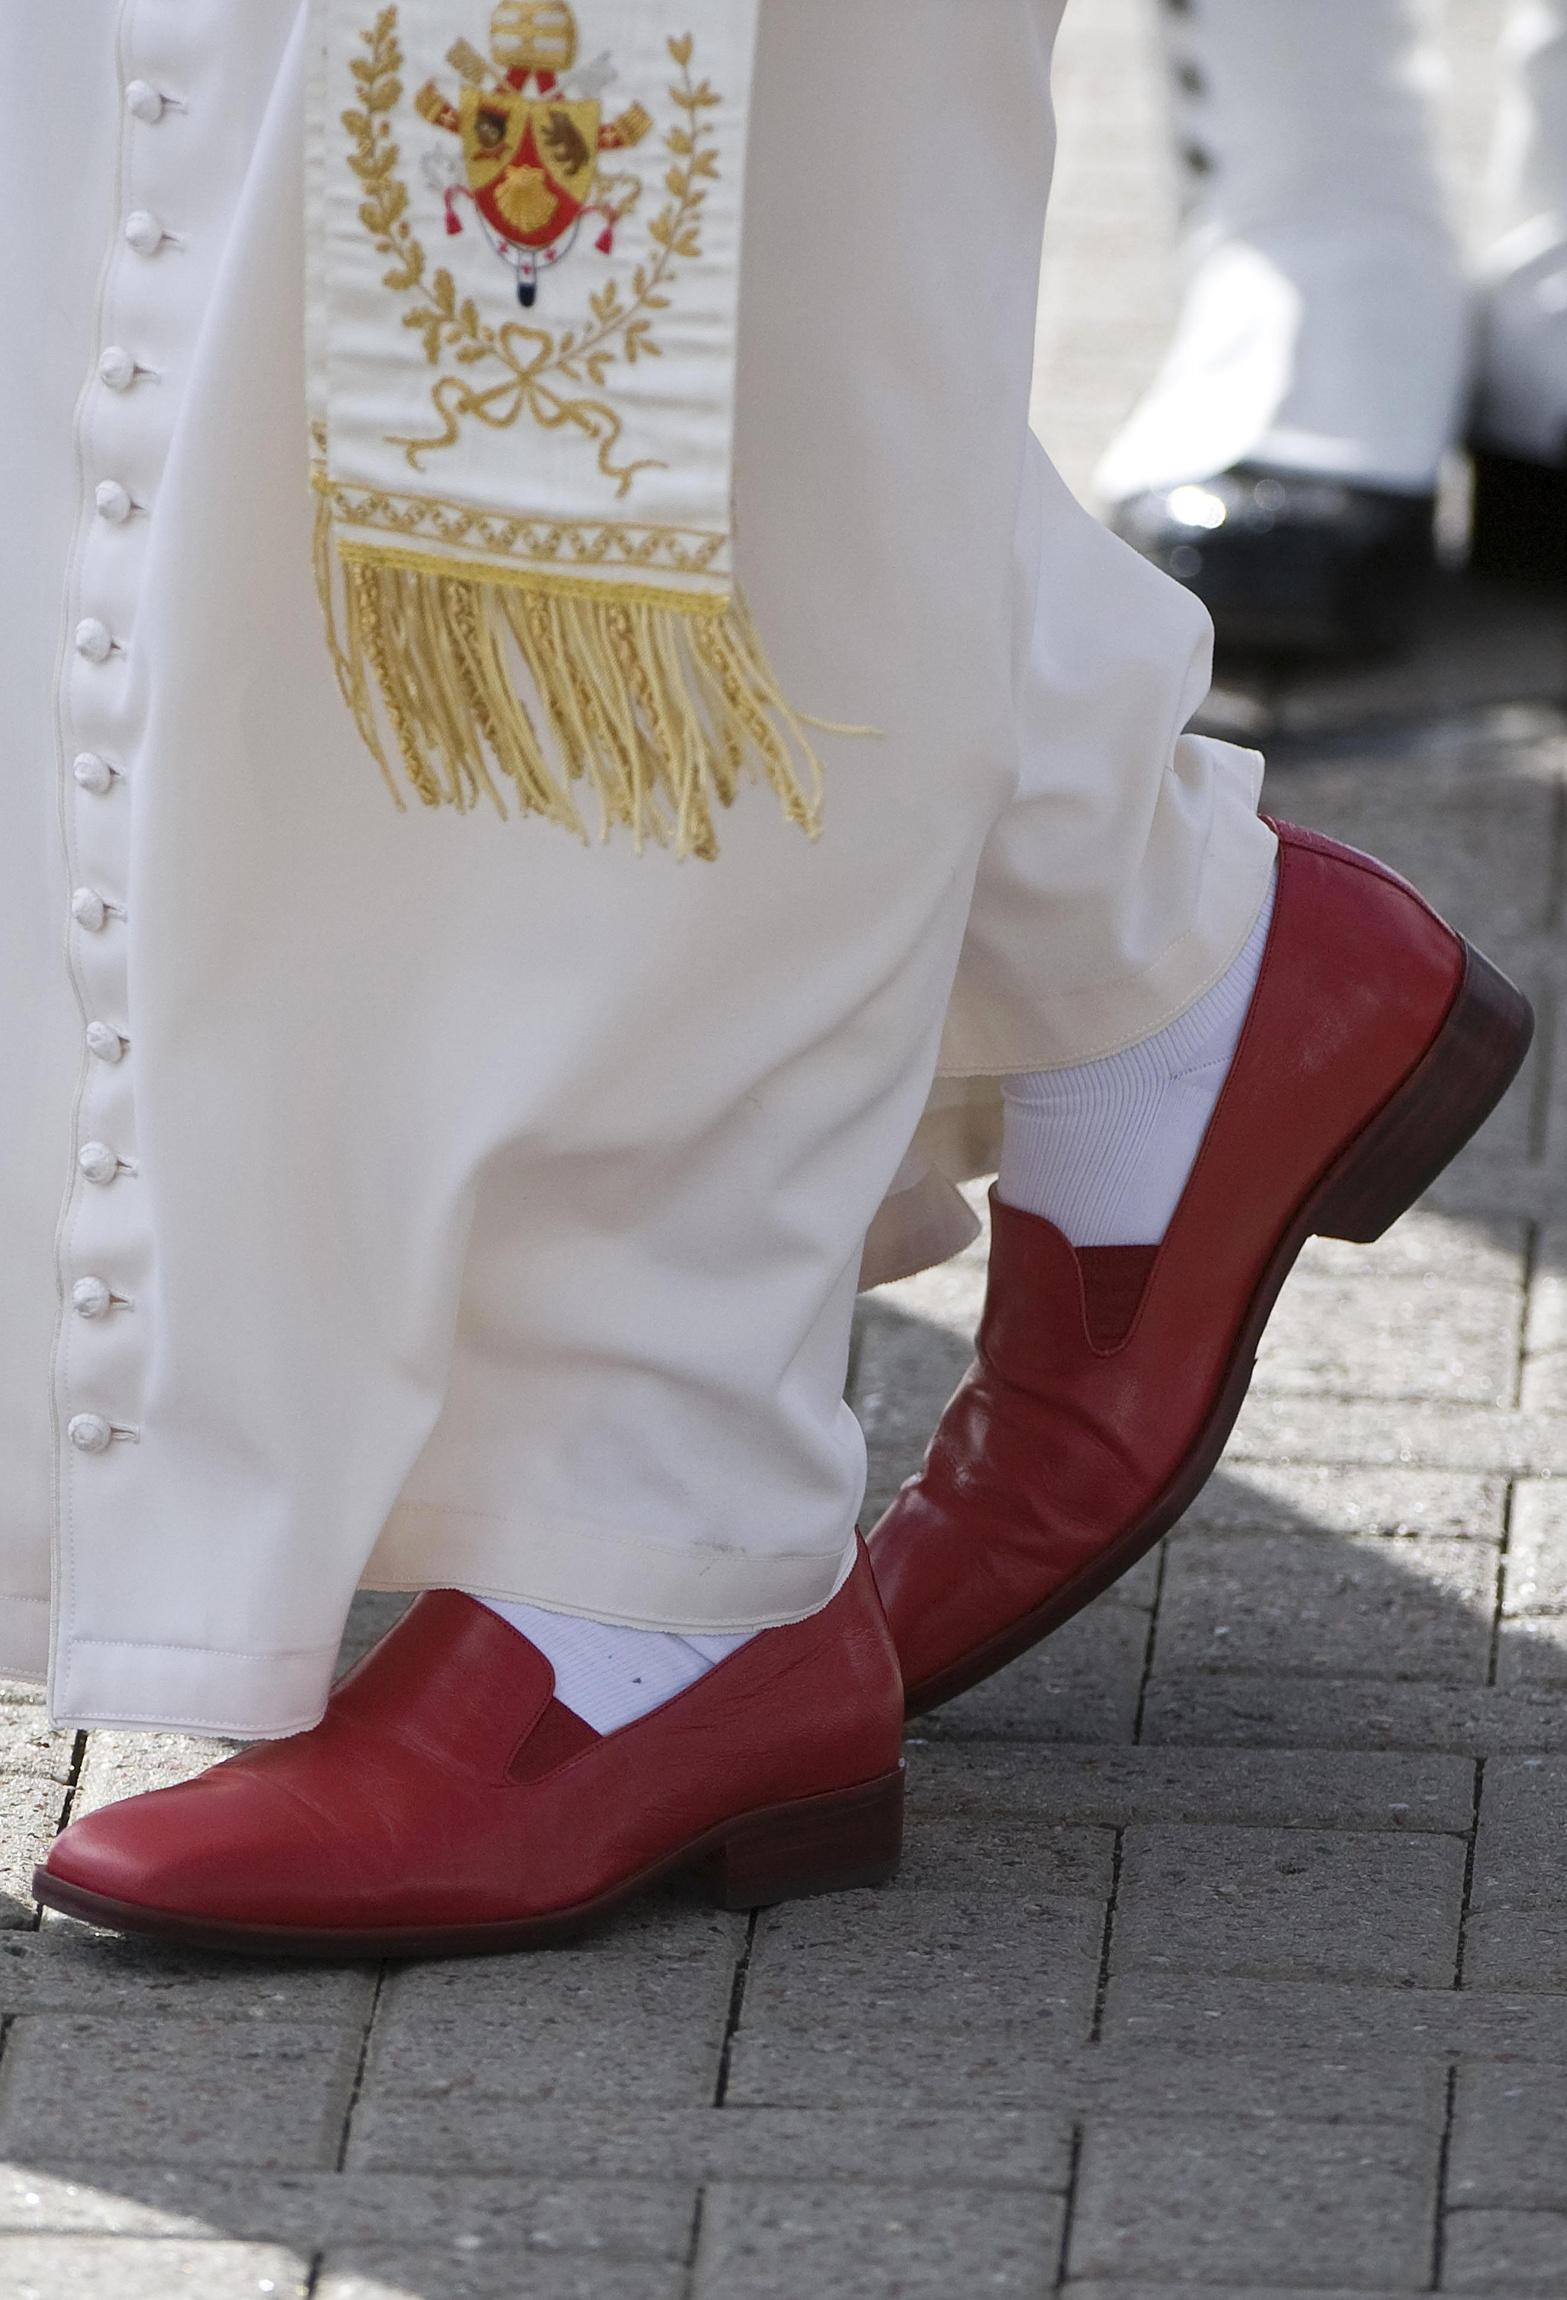 Seph-shoes